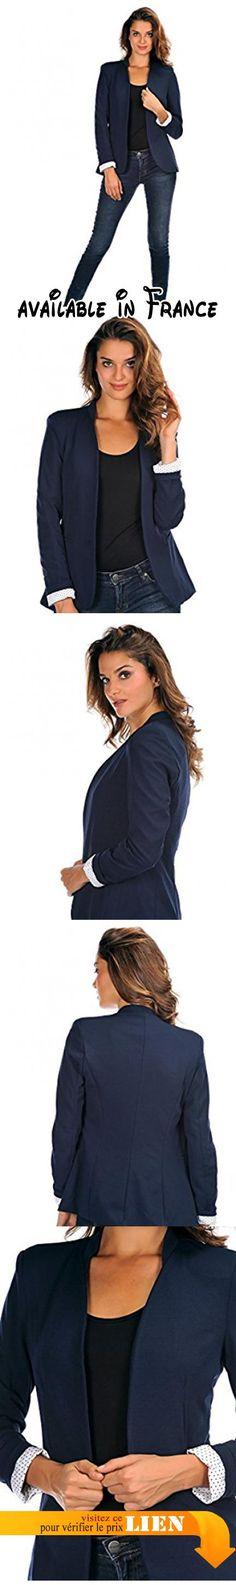 B0732WGD8Q : Doucel - Veste ROMANTIK Ref. ERIN Taille Femme - 38 Couleur - bleu foncé.